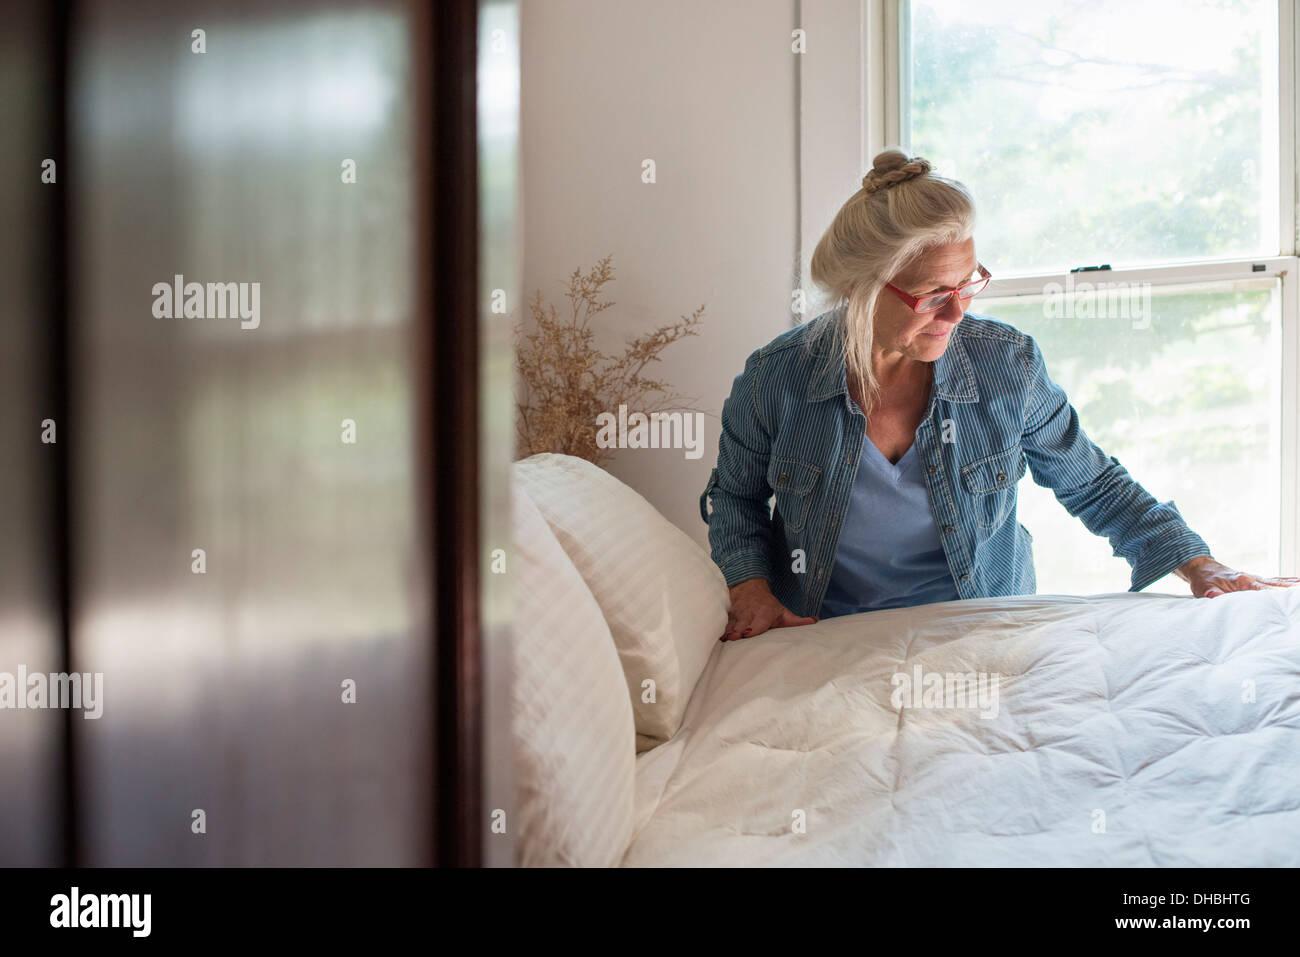 Una granja en el país, una mujer haciendo una cama en un dormitorio. Imagen De Stock